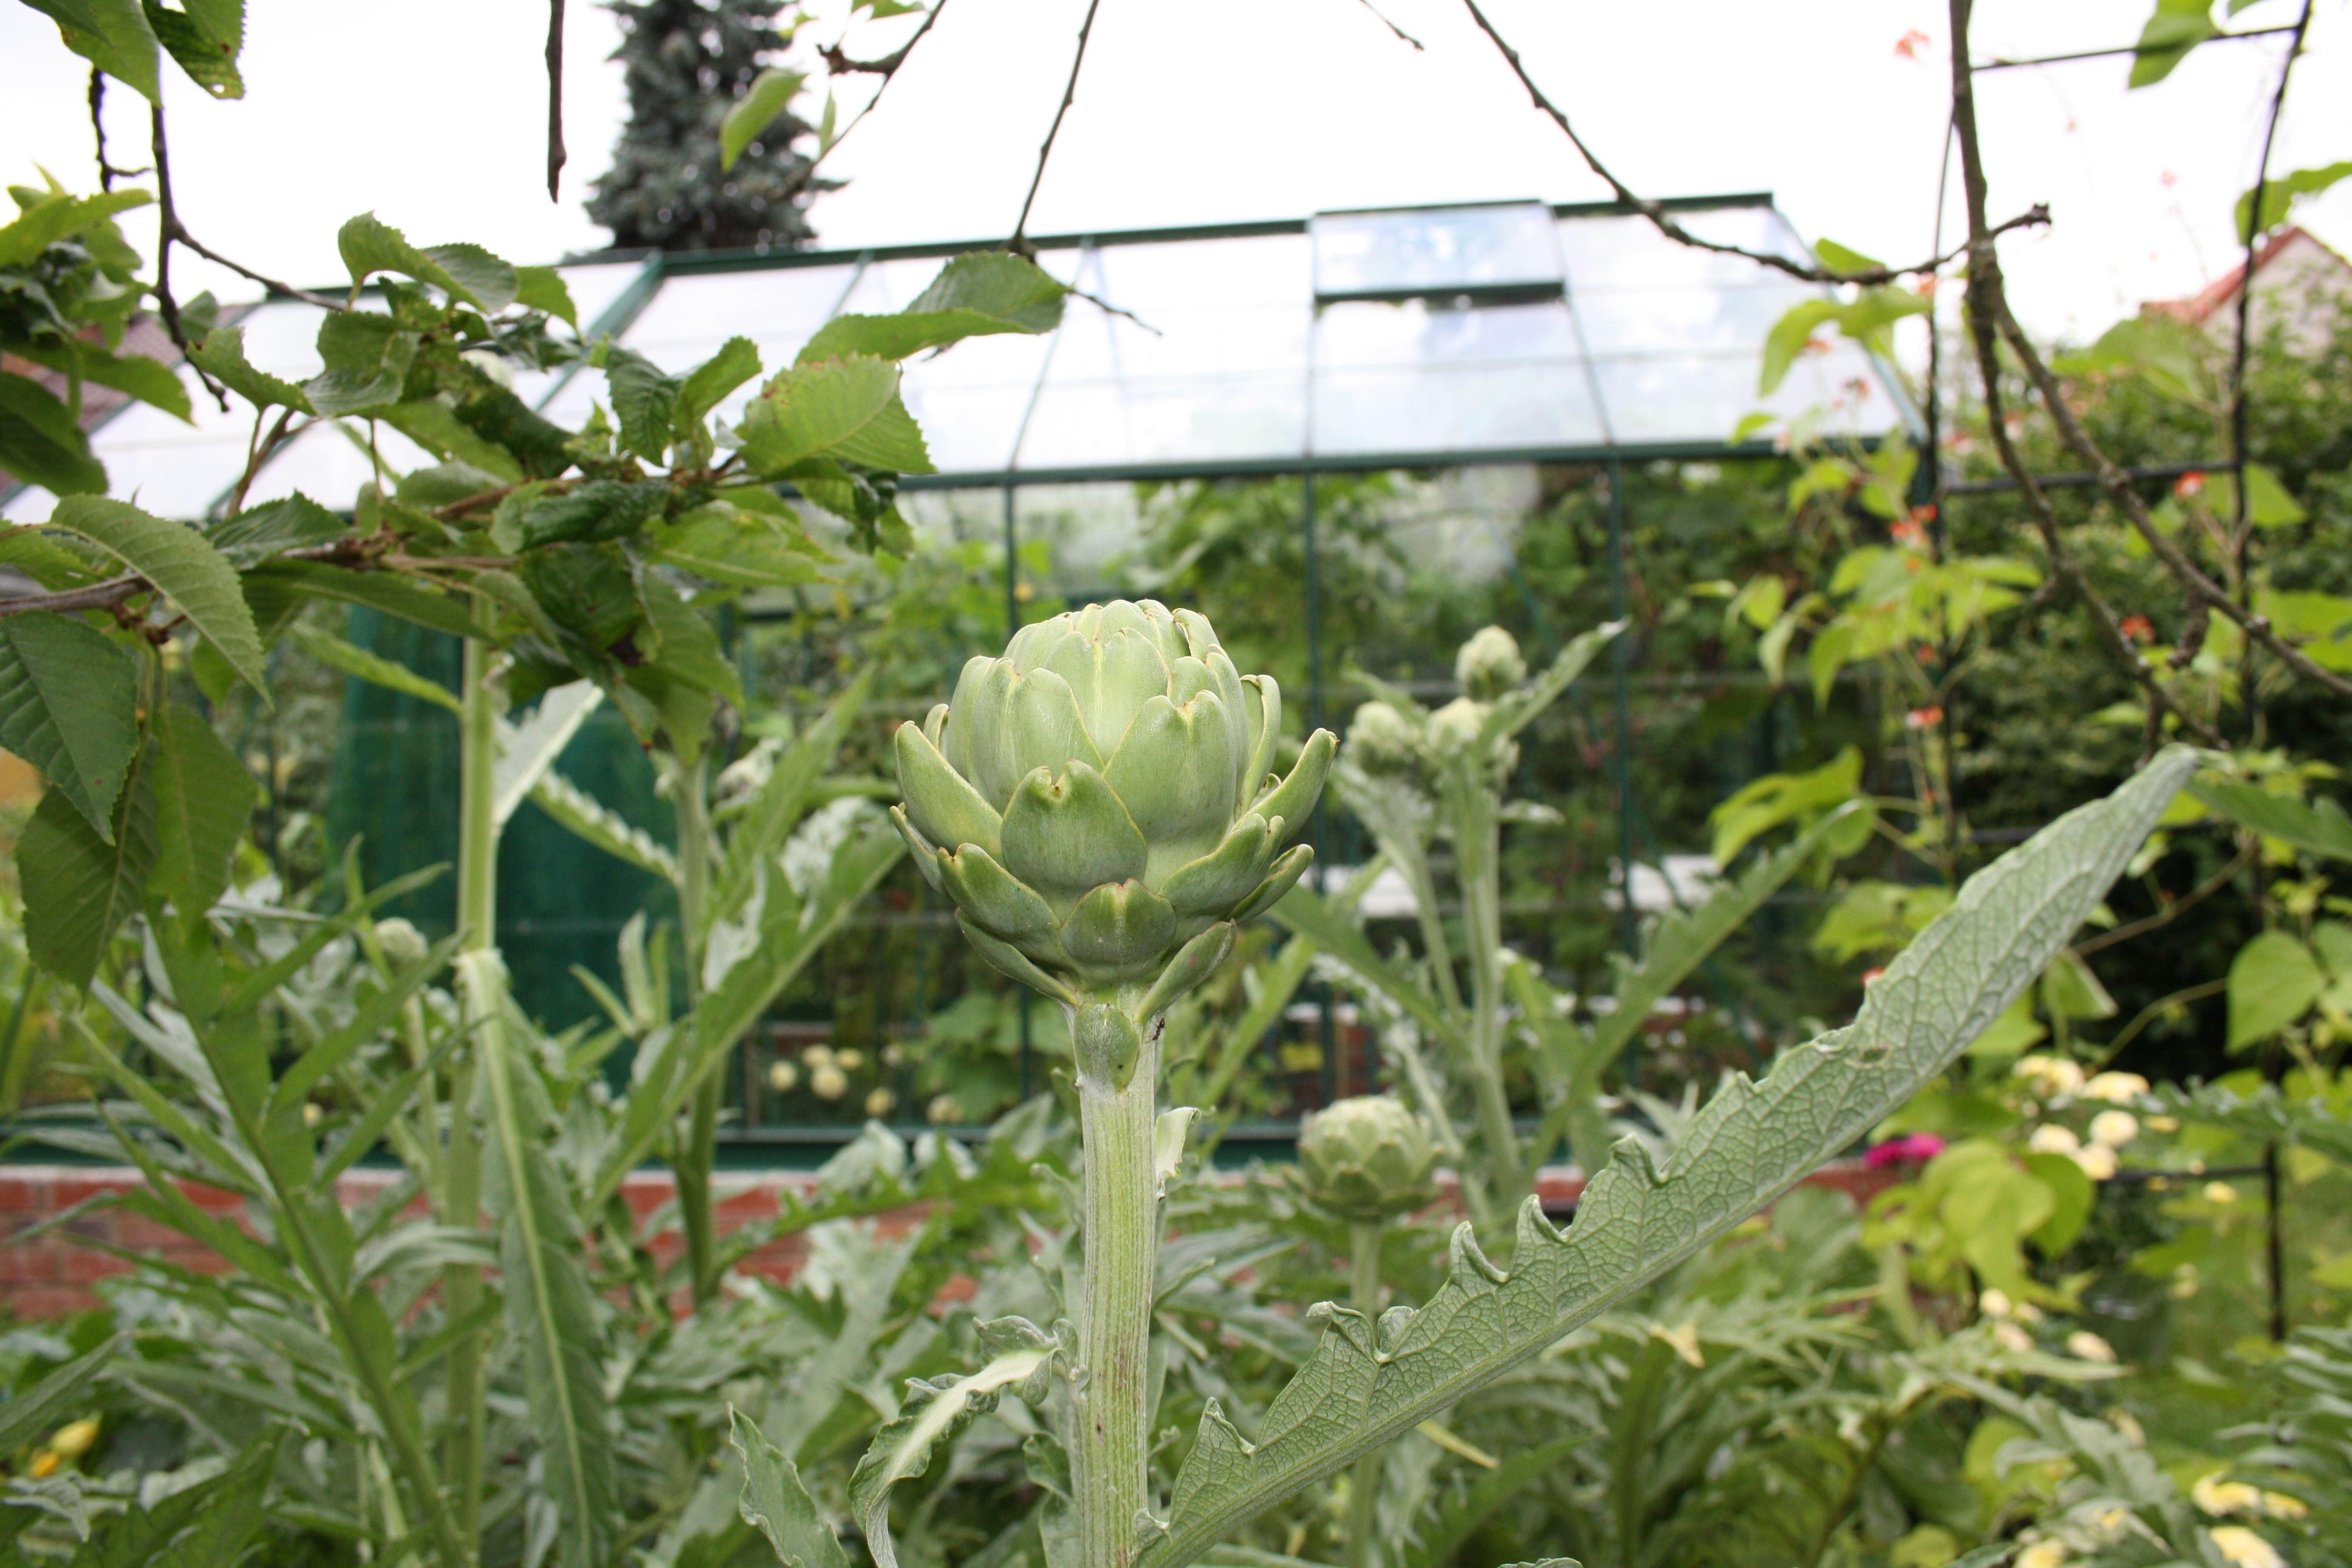 Föreläsning - Odla grönsaker i växthus och på friland